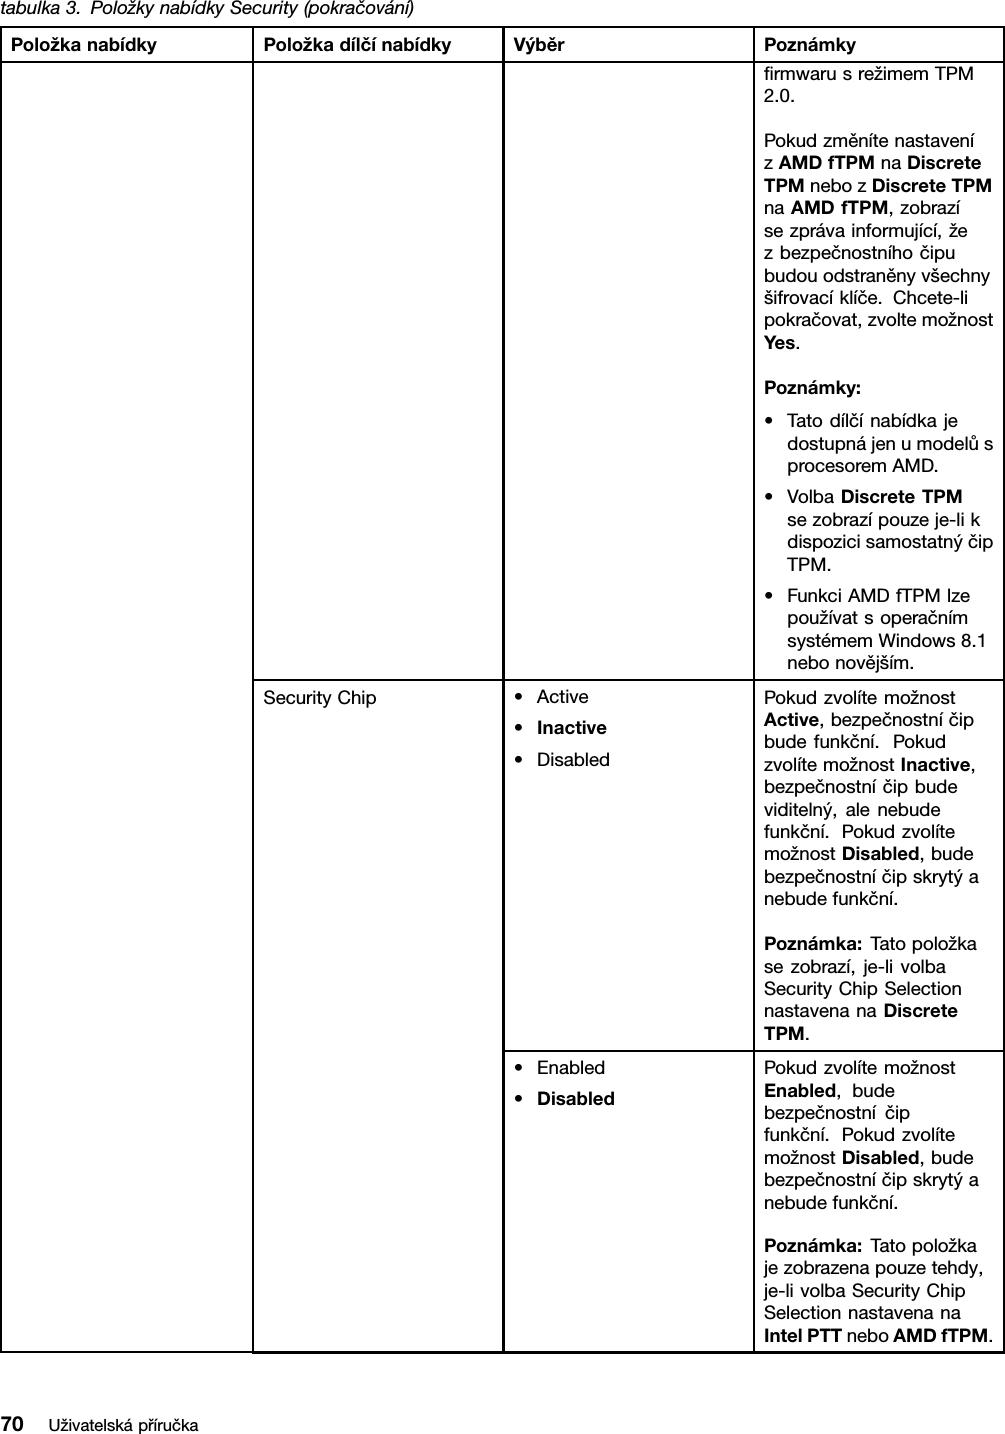 Lenovo E560 E565 Ug Cs User Manual (Czech) Guide Think Pad